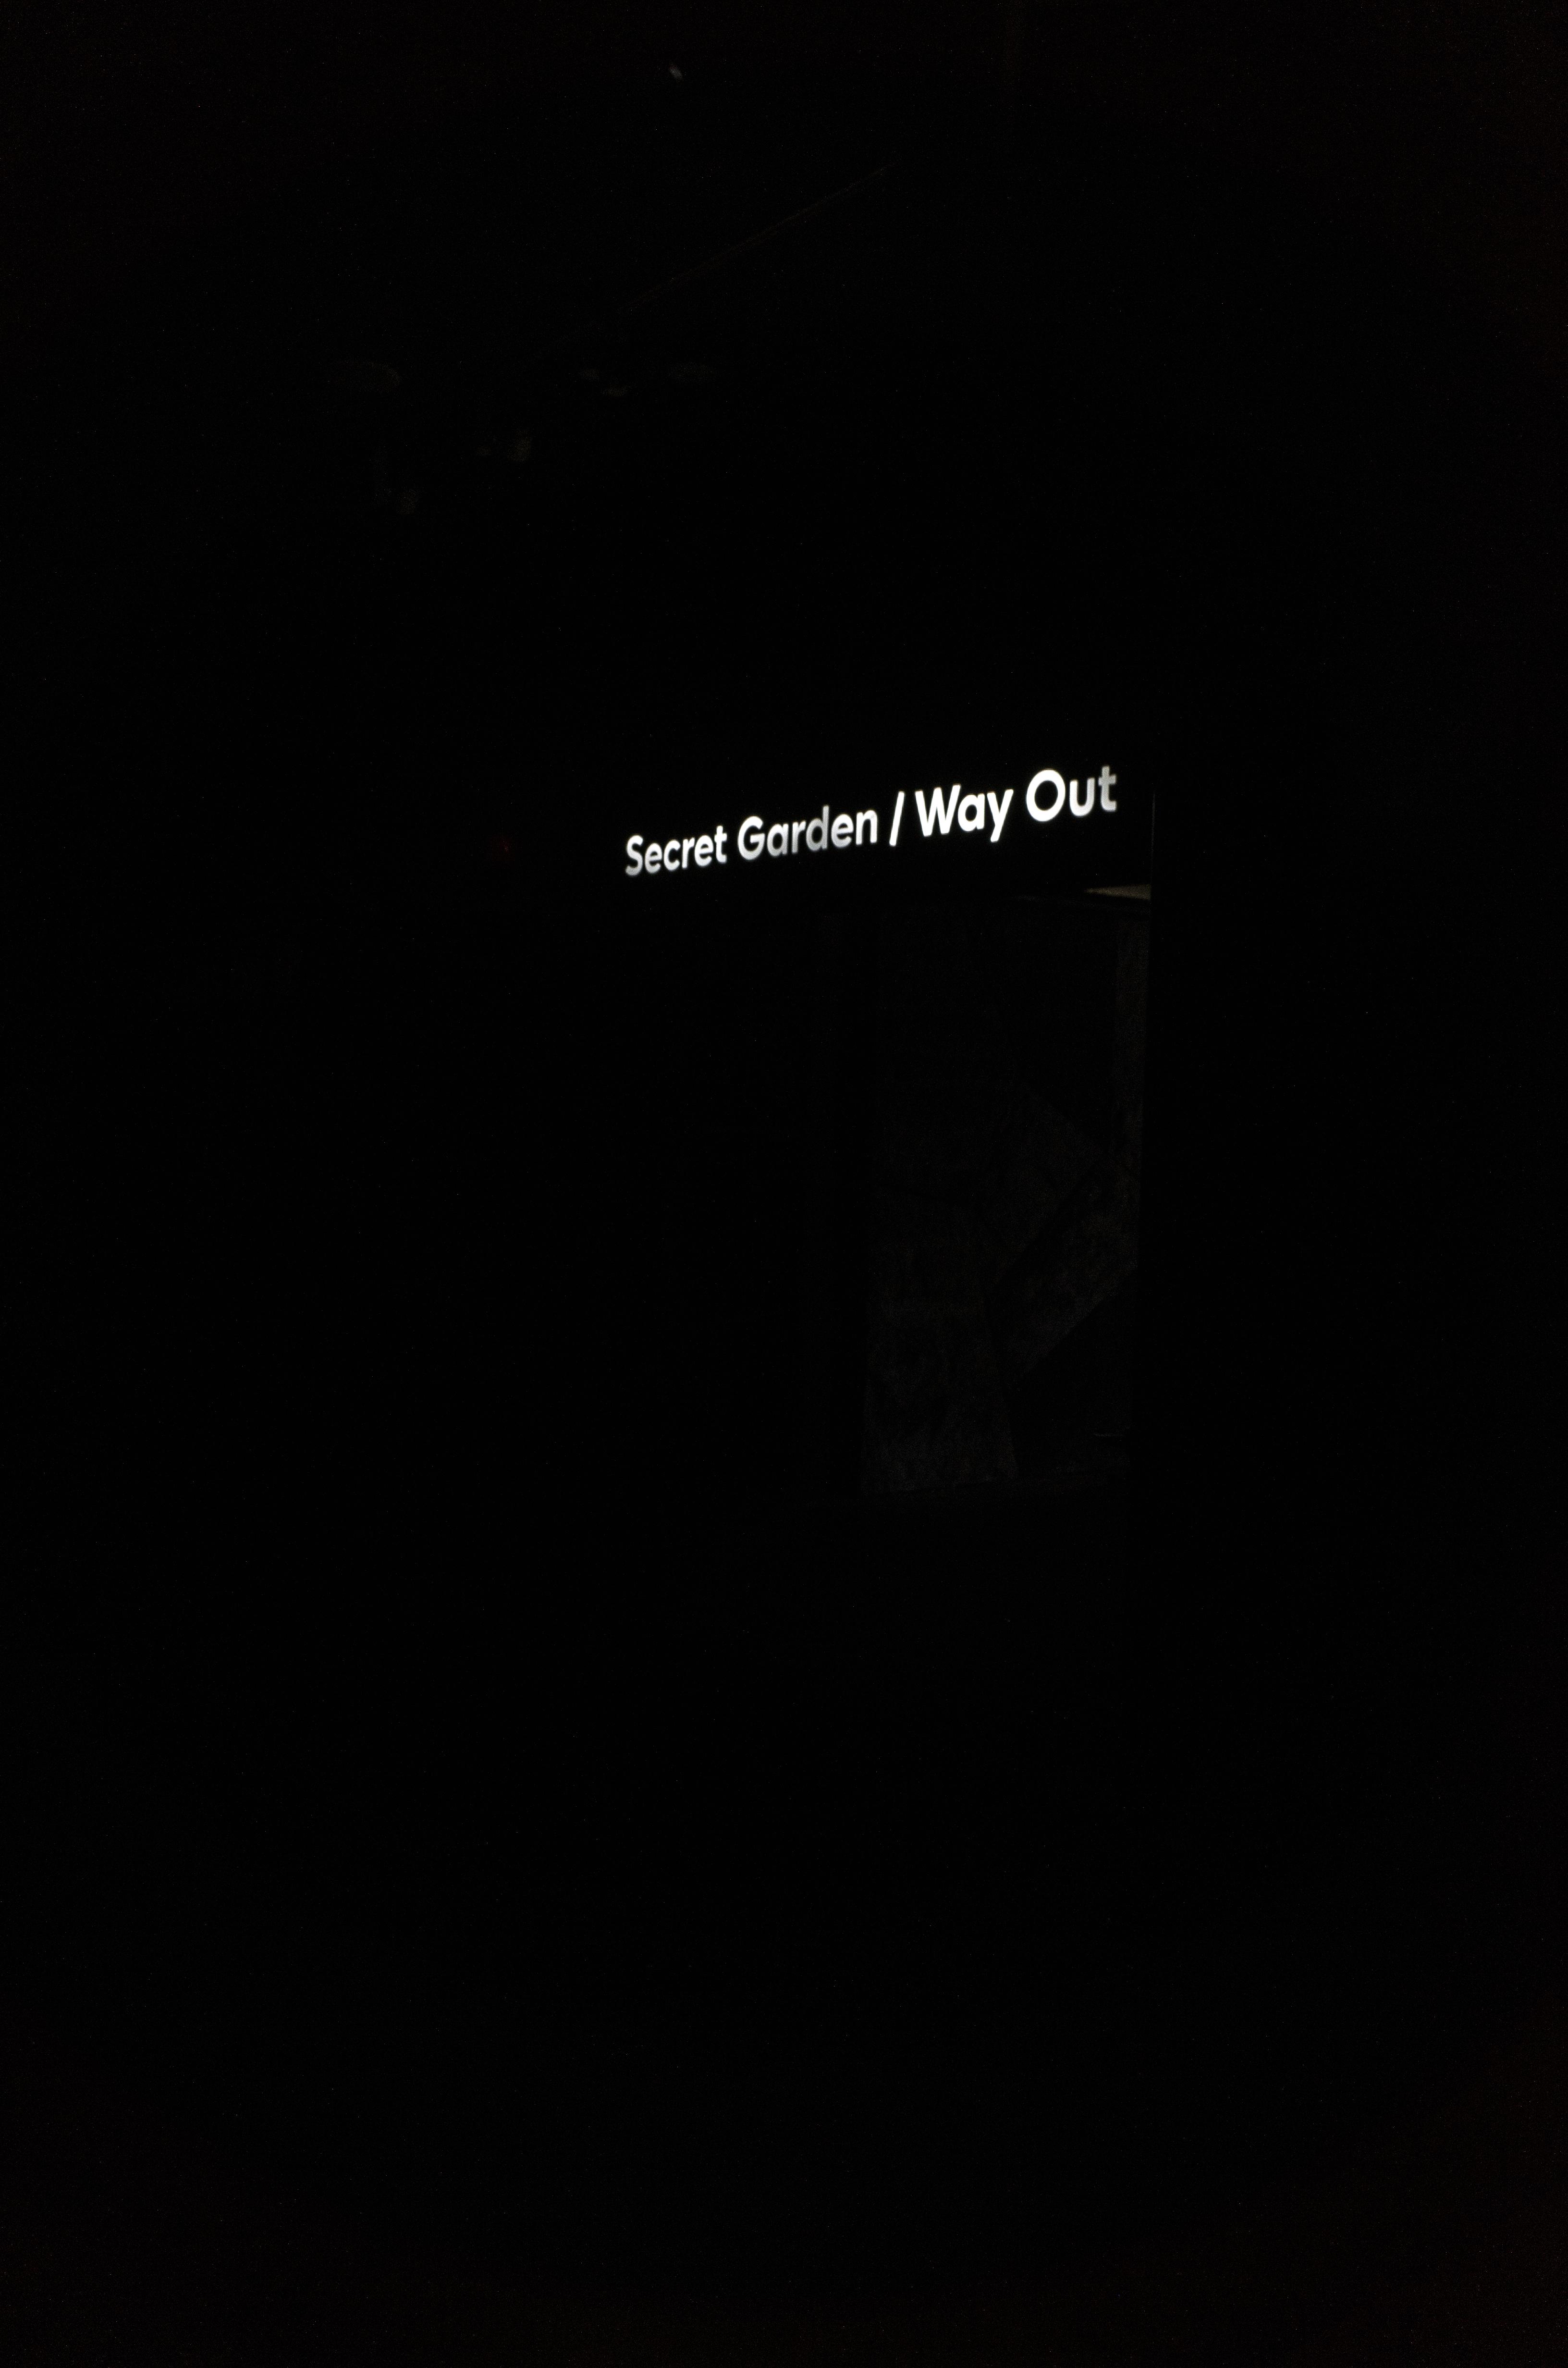 secret garden/way out